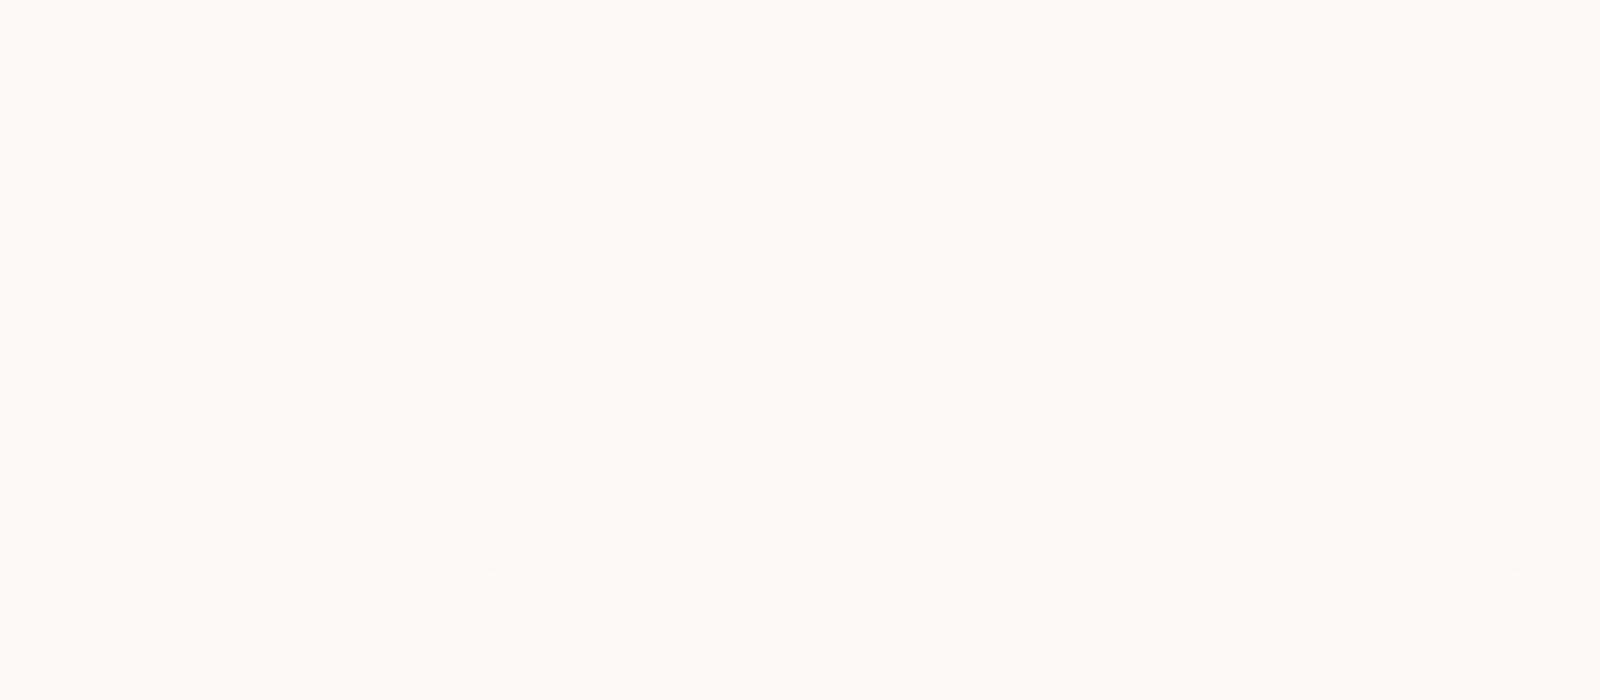 colore opaco white             0,40 1420